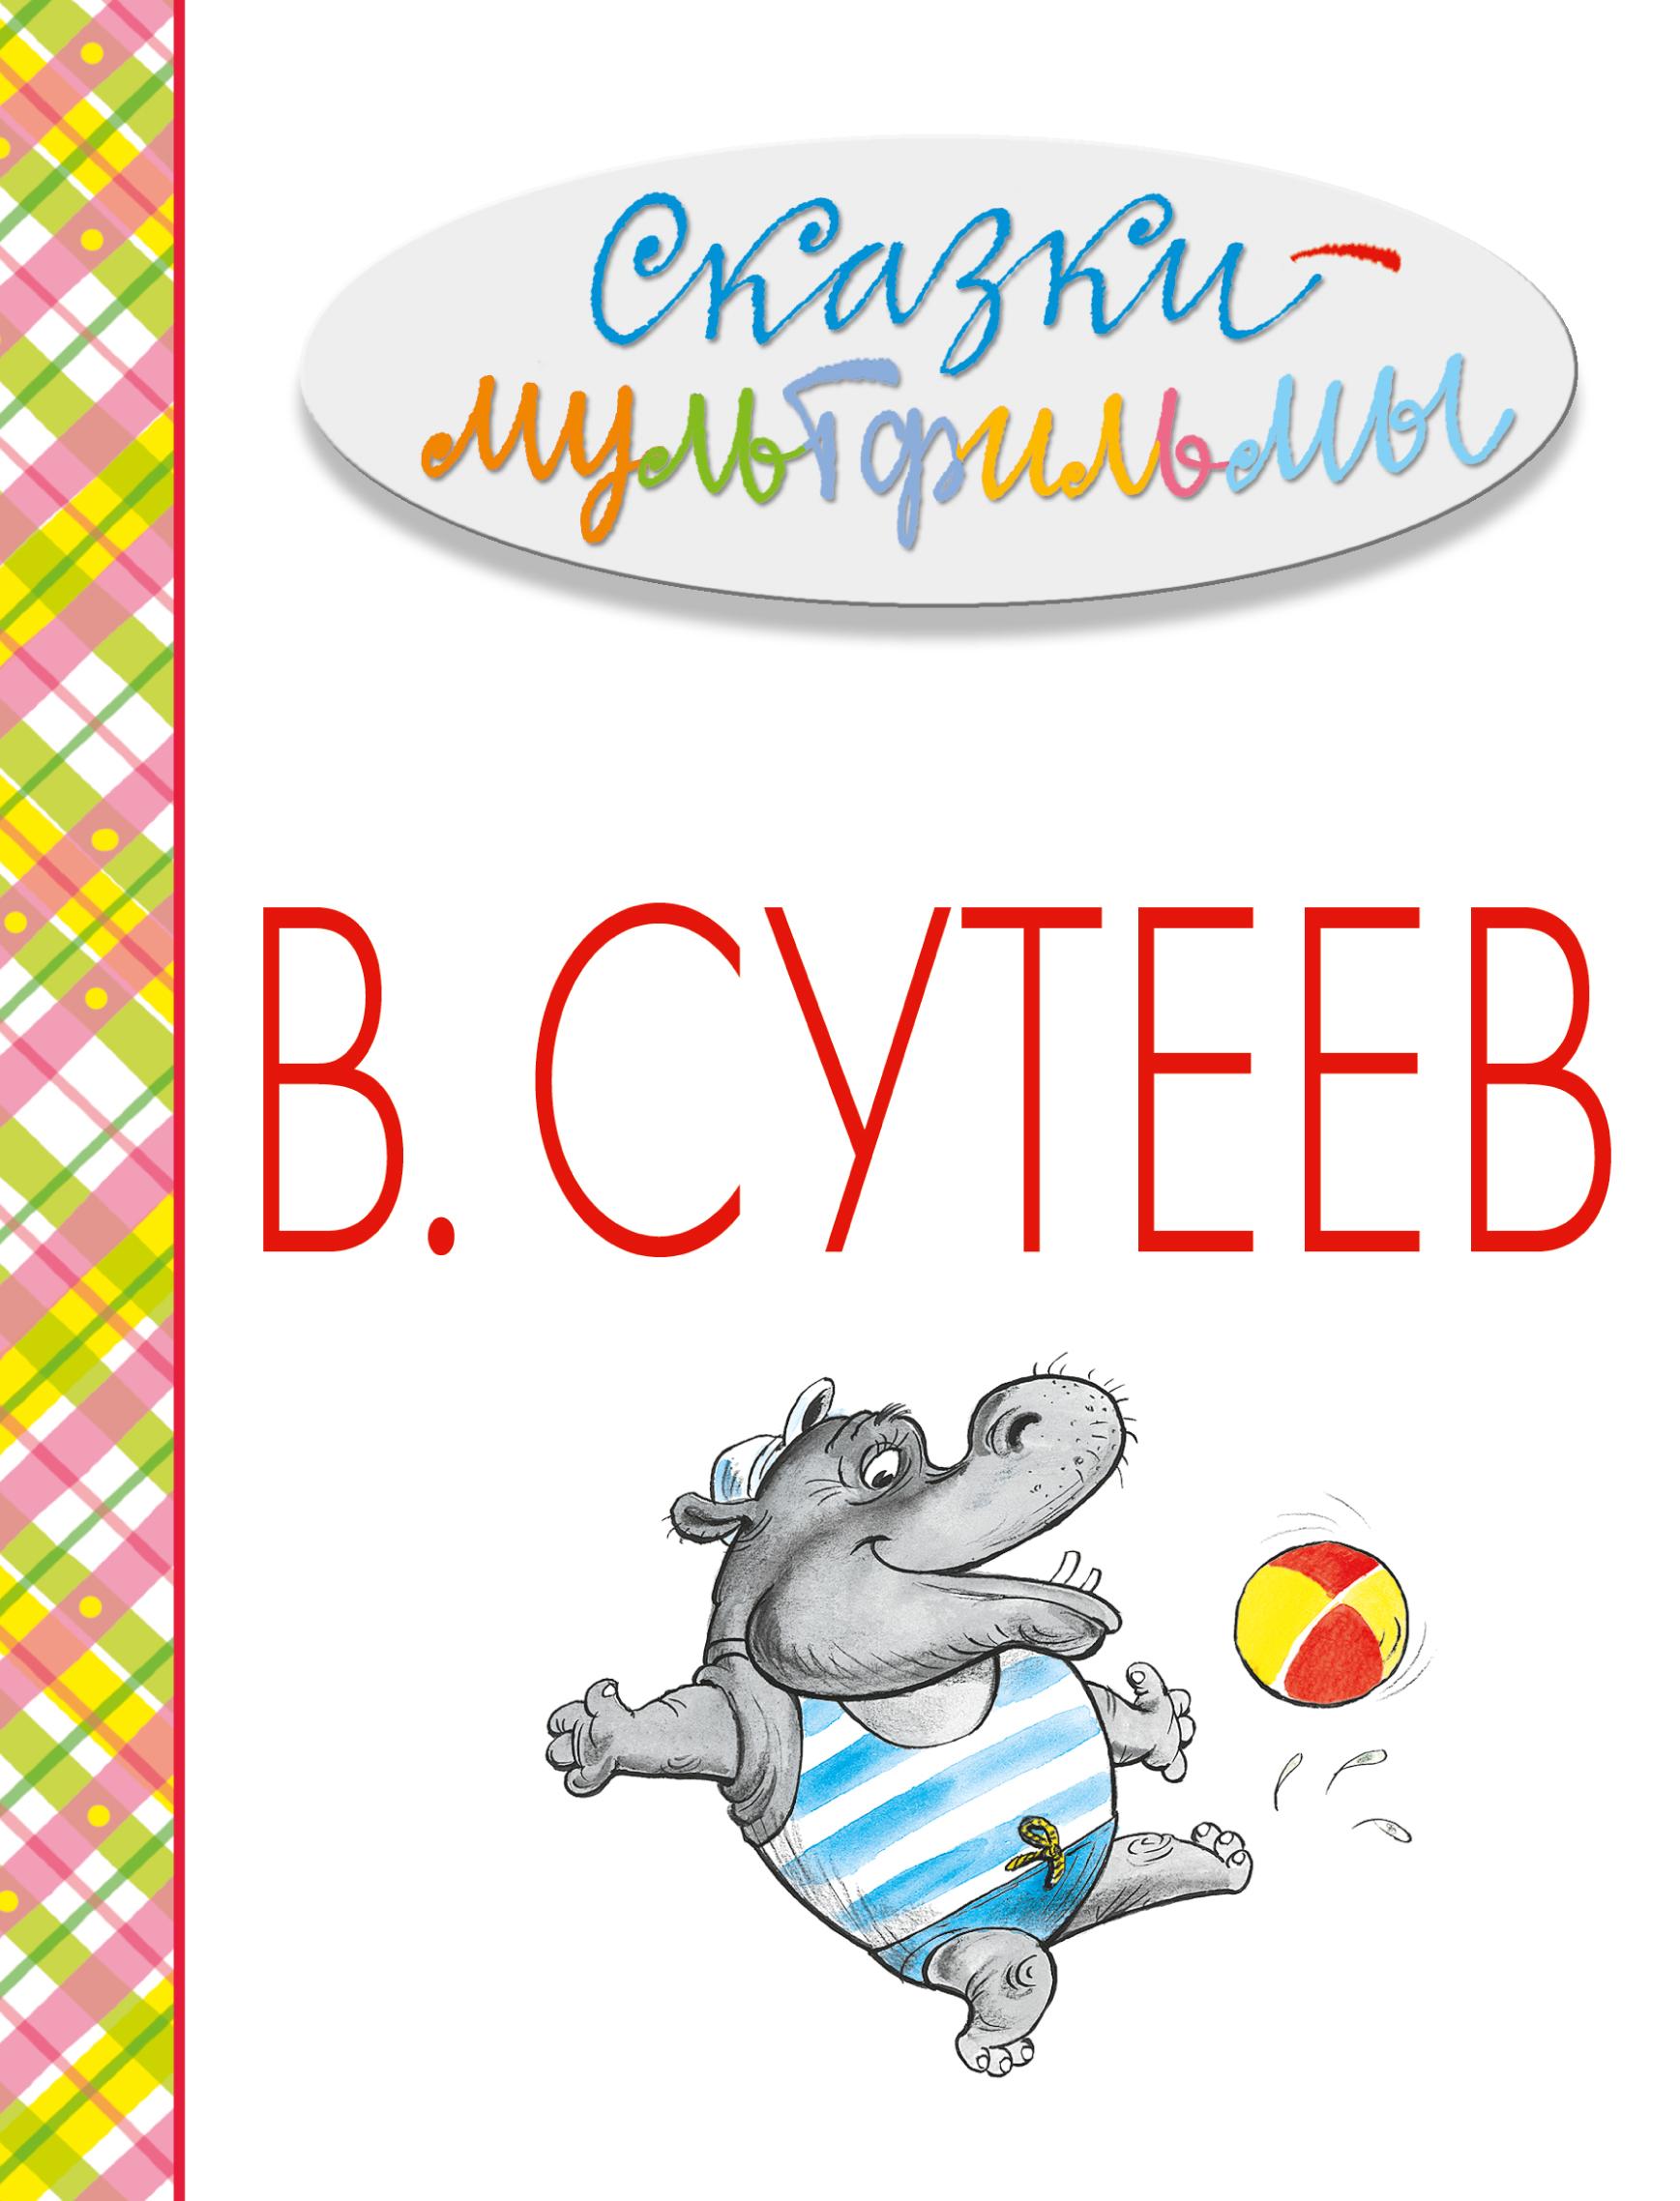 Сутеев В.Г. Сказки-мультфильмы сутеев в г в мире сказок в сутеева